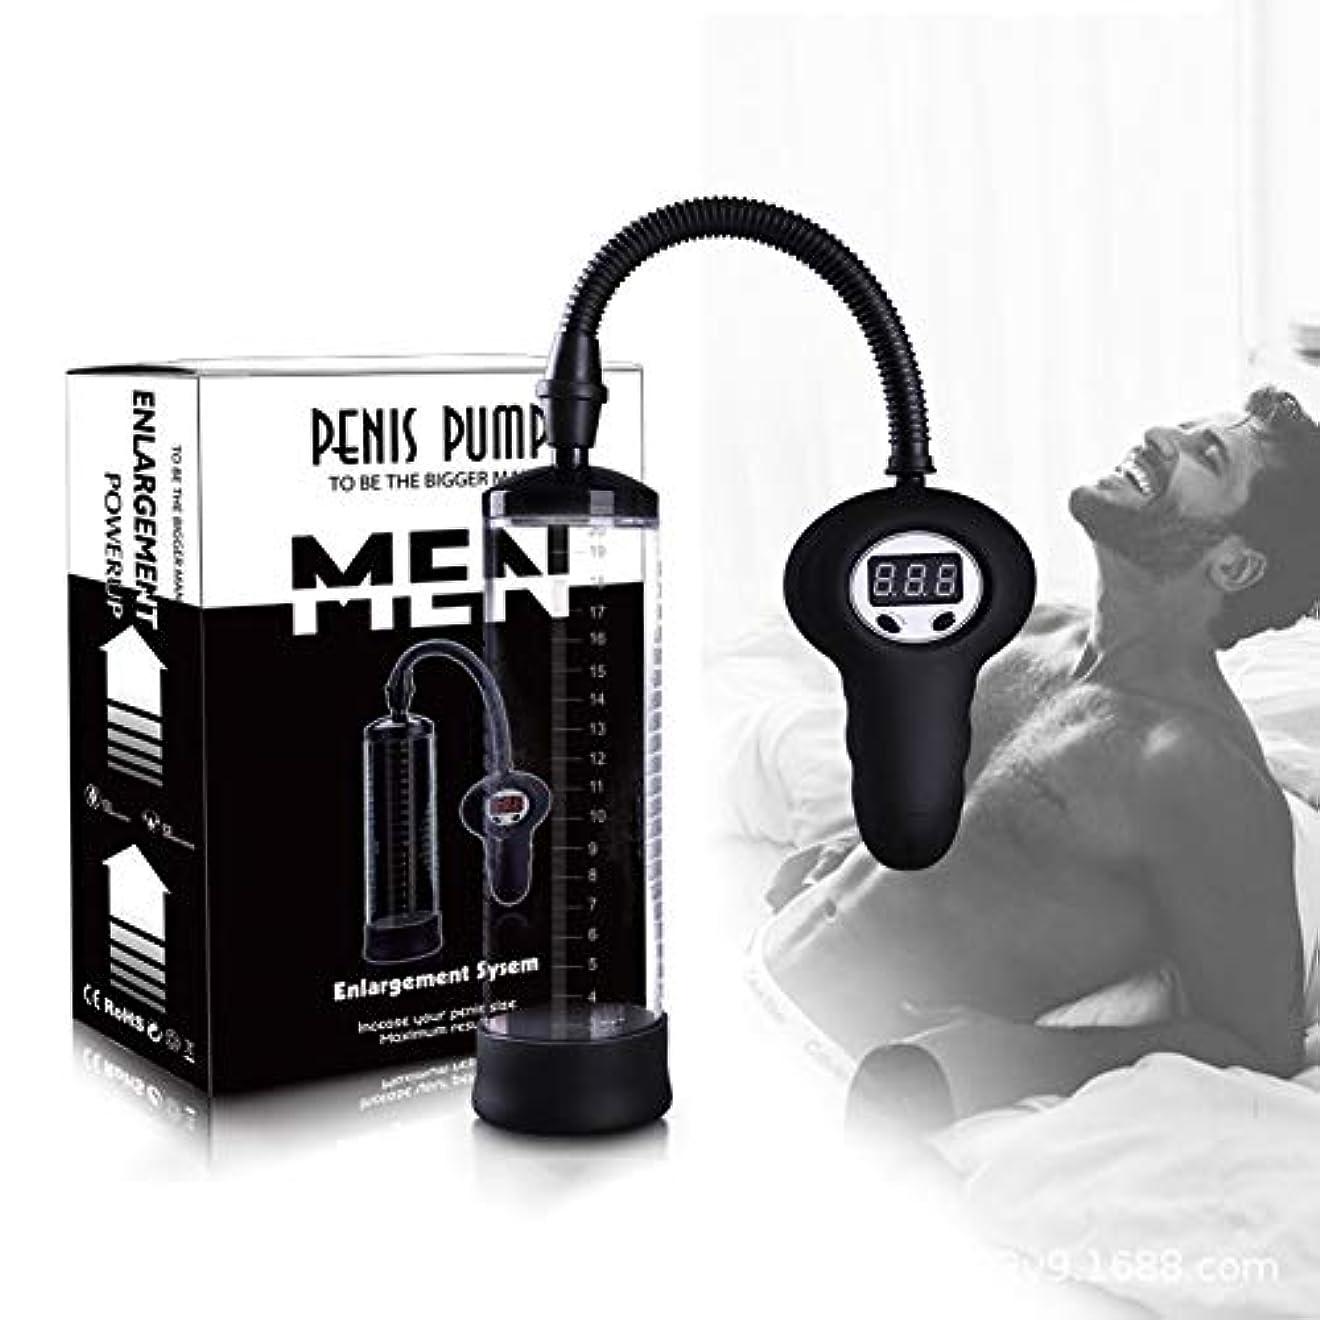 摂動ファーザーファージュペチュランスKGJJHYBGTOY 男性のためのPenǐle真空ポンプ空気圧装置エンハンサー RELAX MASSAGE BODY